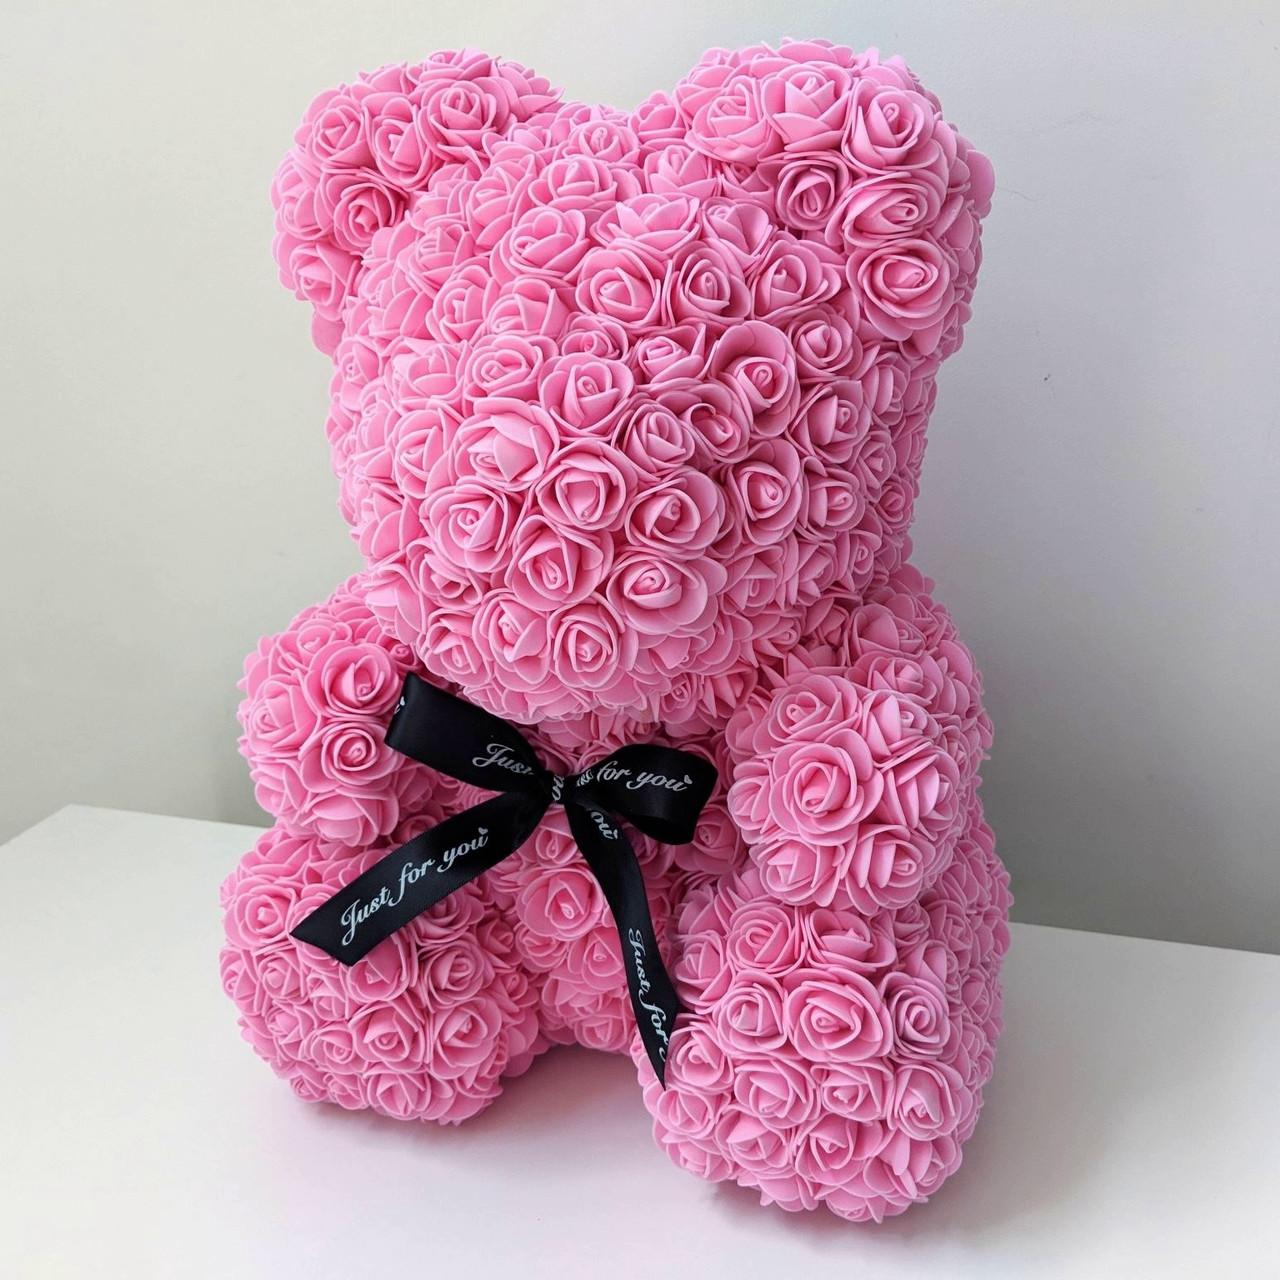 Уникальный мишка из 3d роз Happy Teddy 40 см розовый в подарочной коробке